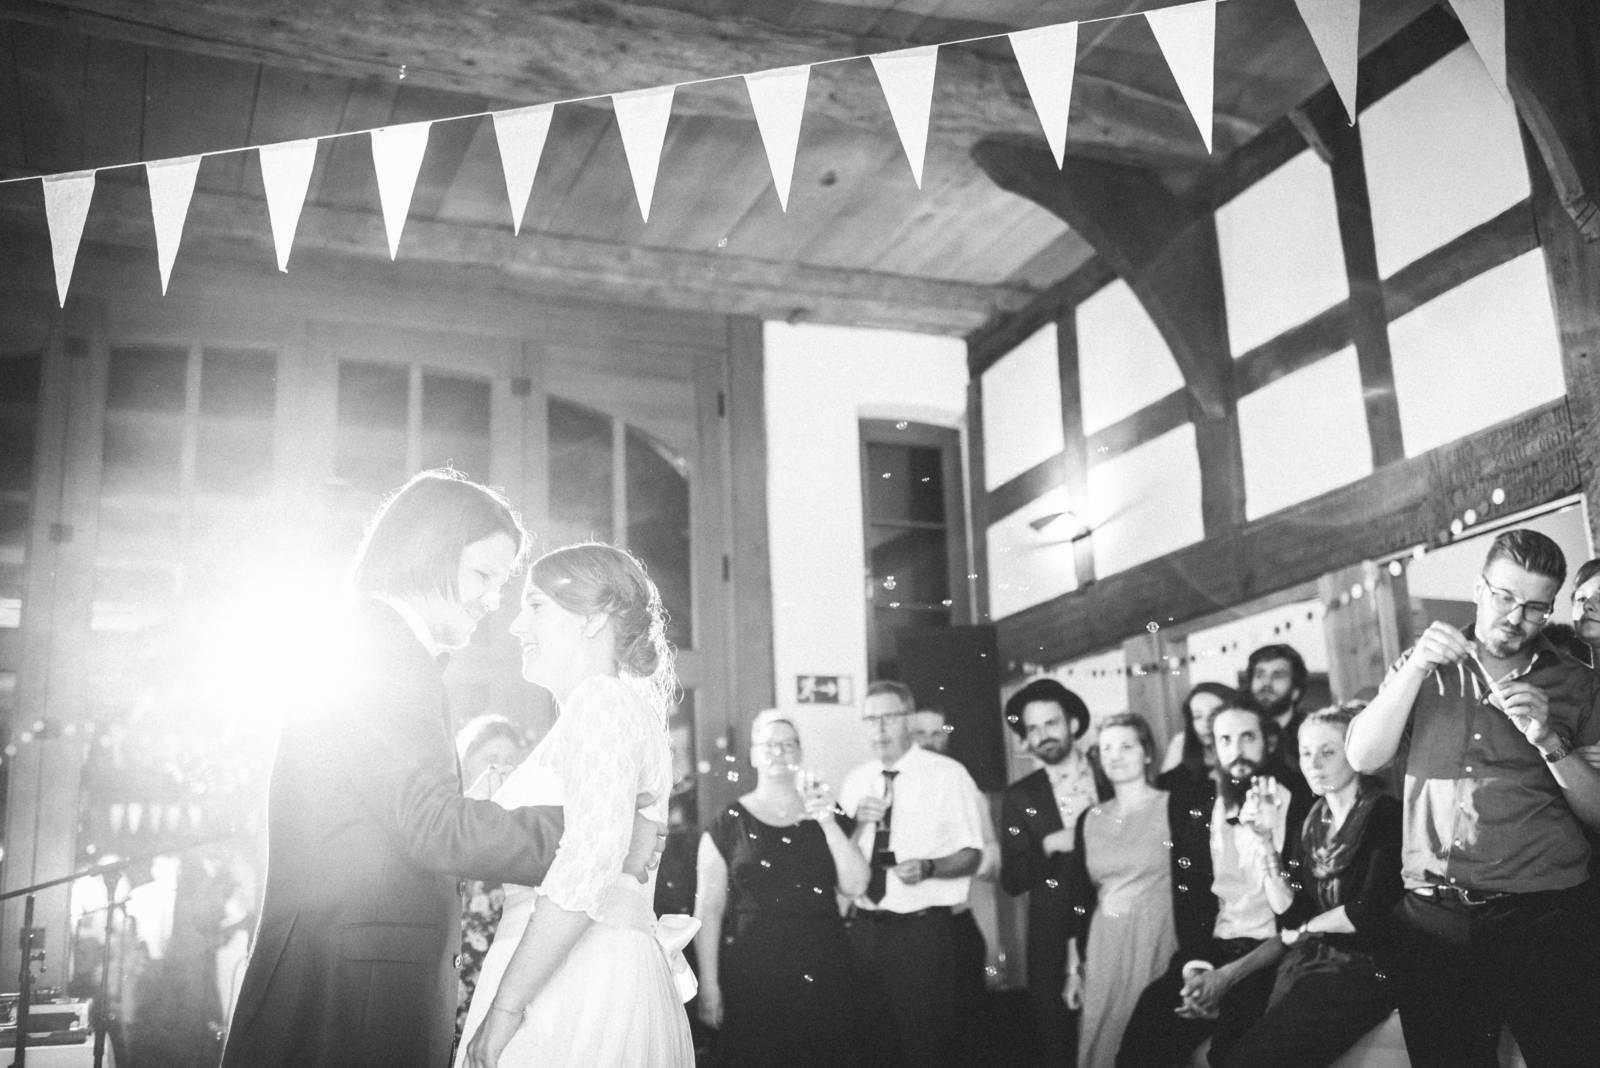 Hochzeitsfotograf Stuttgart Favoriten Hochzeitsbilder Galerie Favoriten Wedding Photographer Stuttgart Bruno Biermann-29